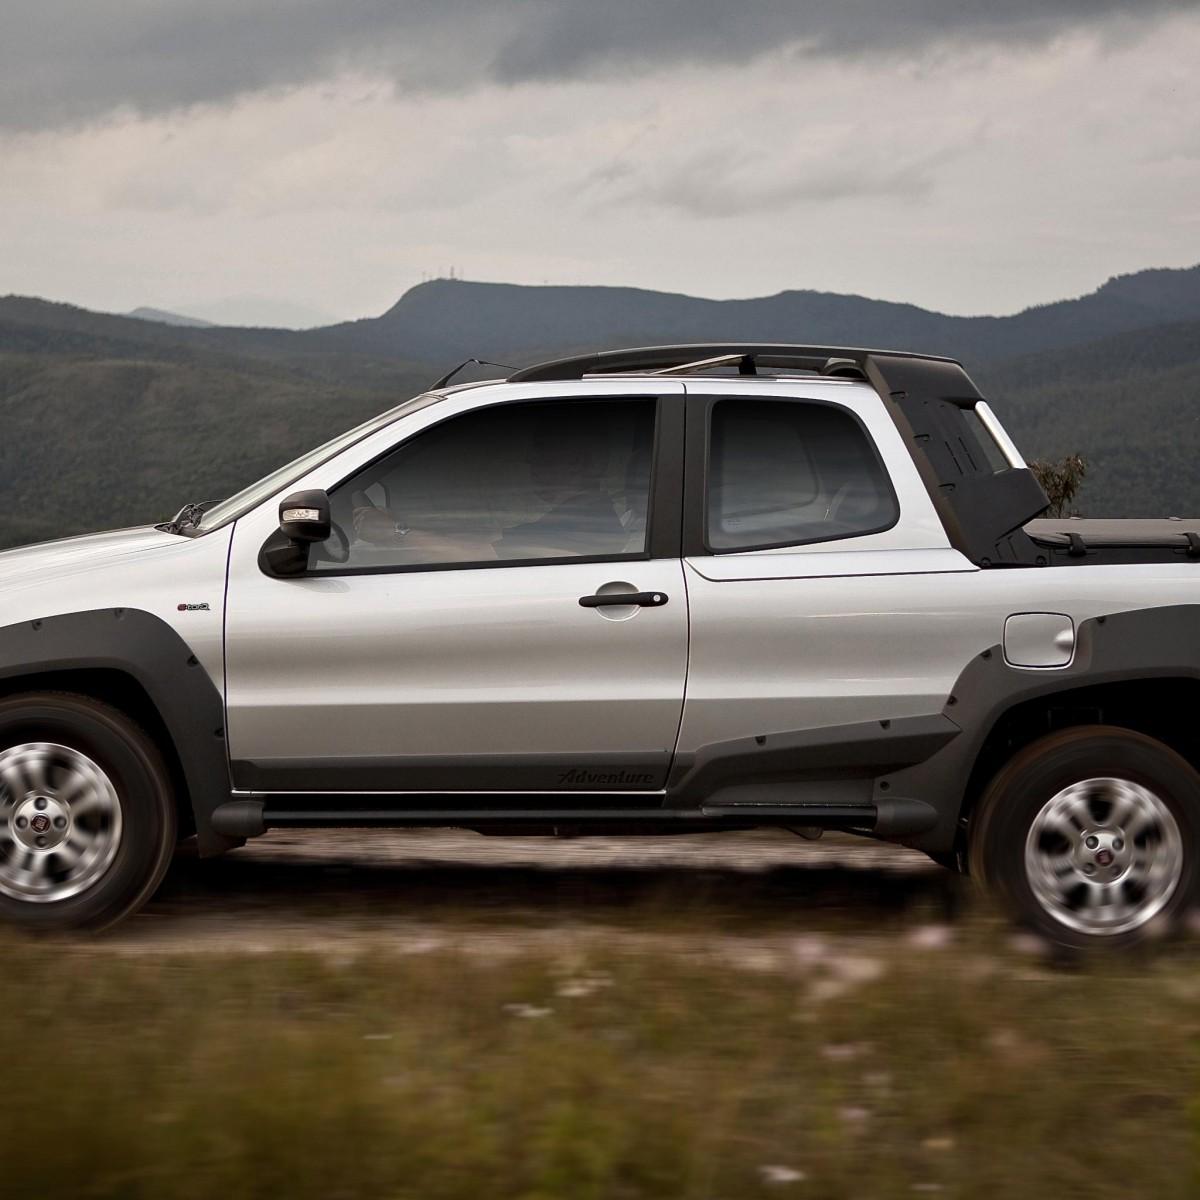 Fiat strada adventure doble cabina y locker autos actual for Fiat idea adventure 2011 precio argentina